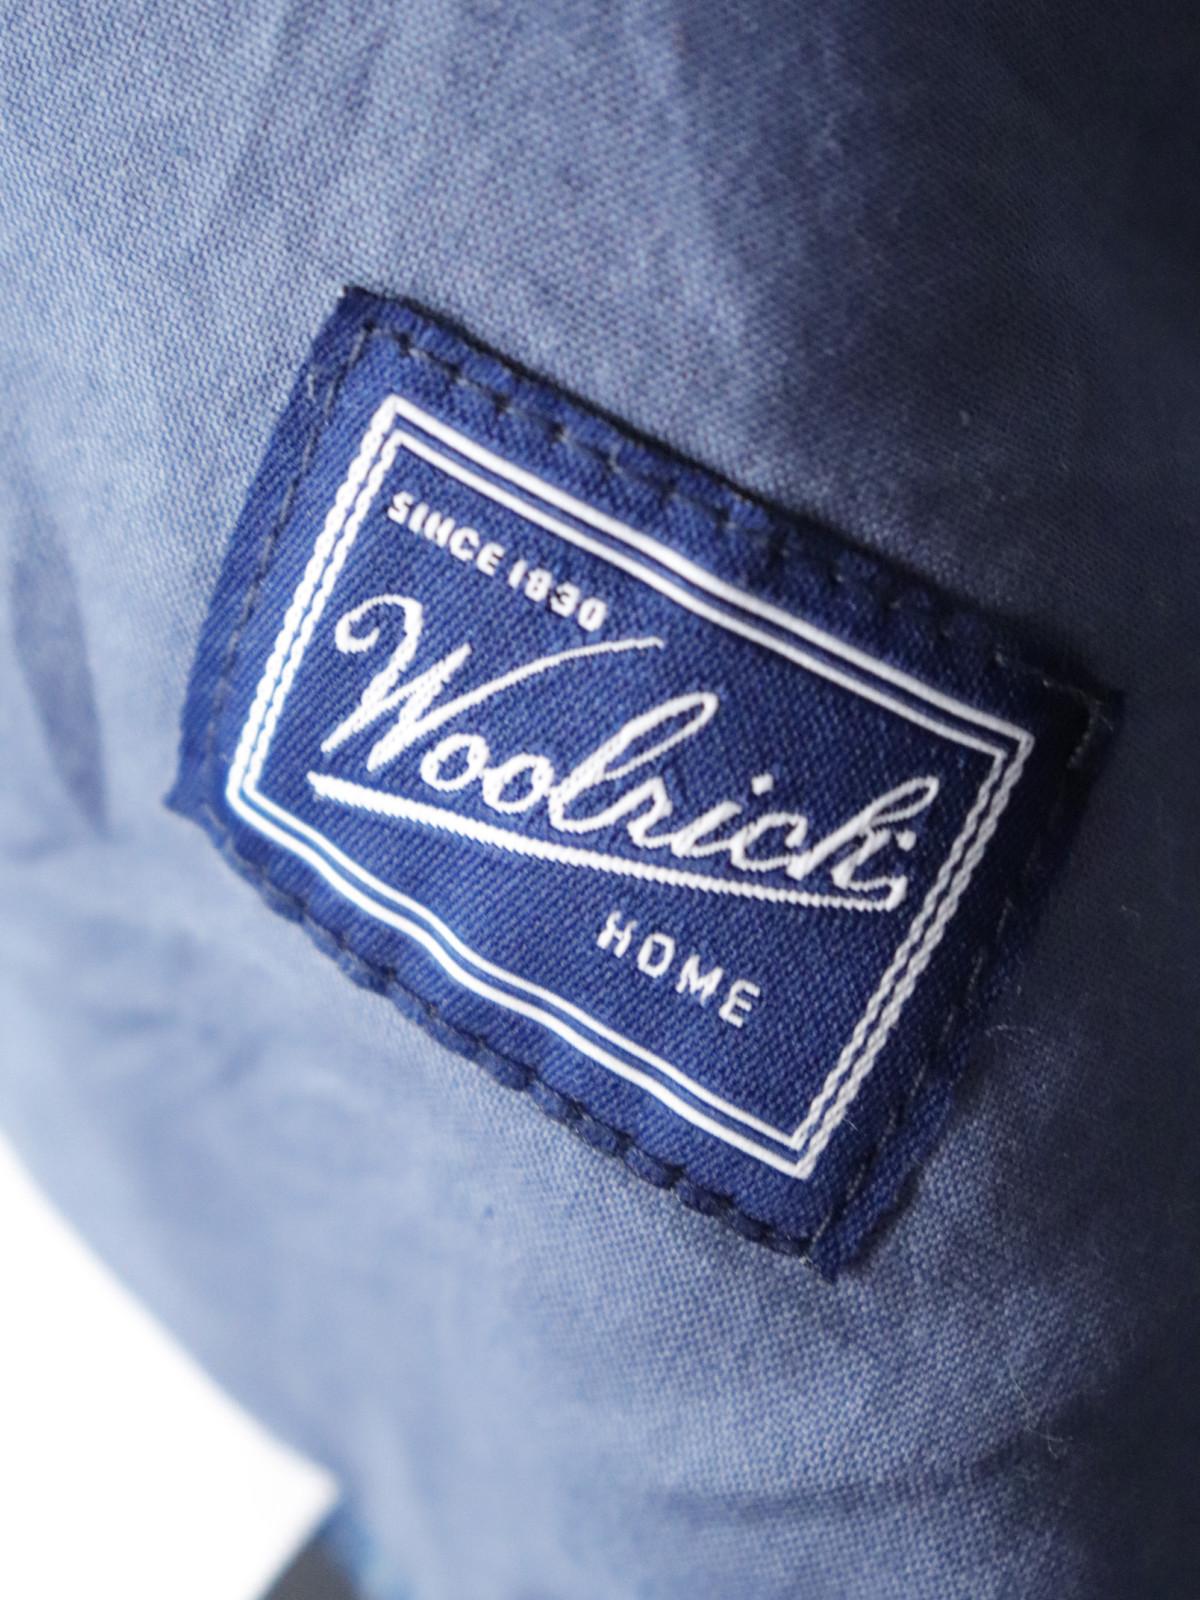 Woolrich, cushion,USA